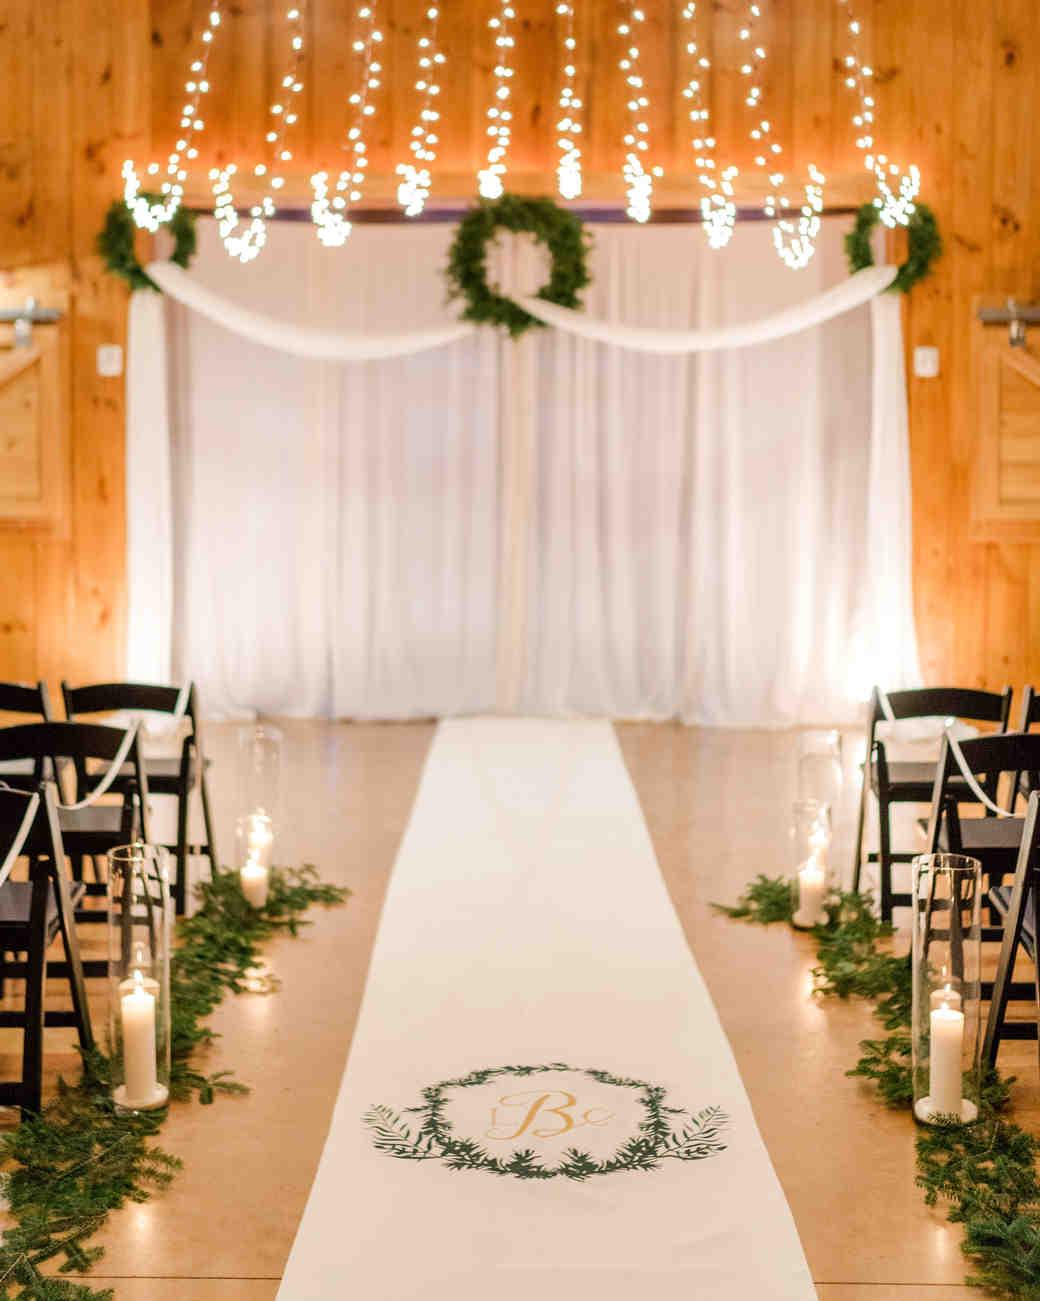 lauren christian christmas wedding ceremony aisle monogrammed runner lights